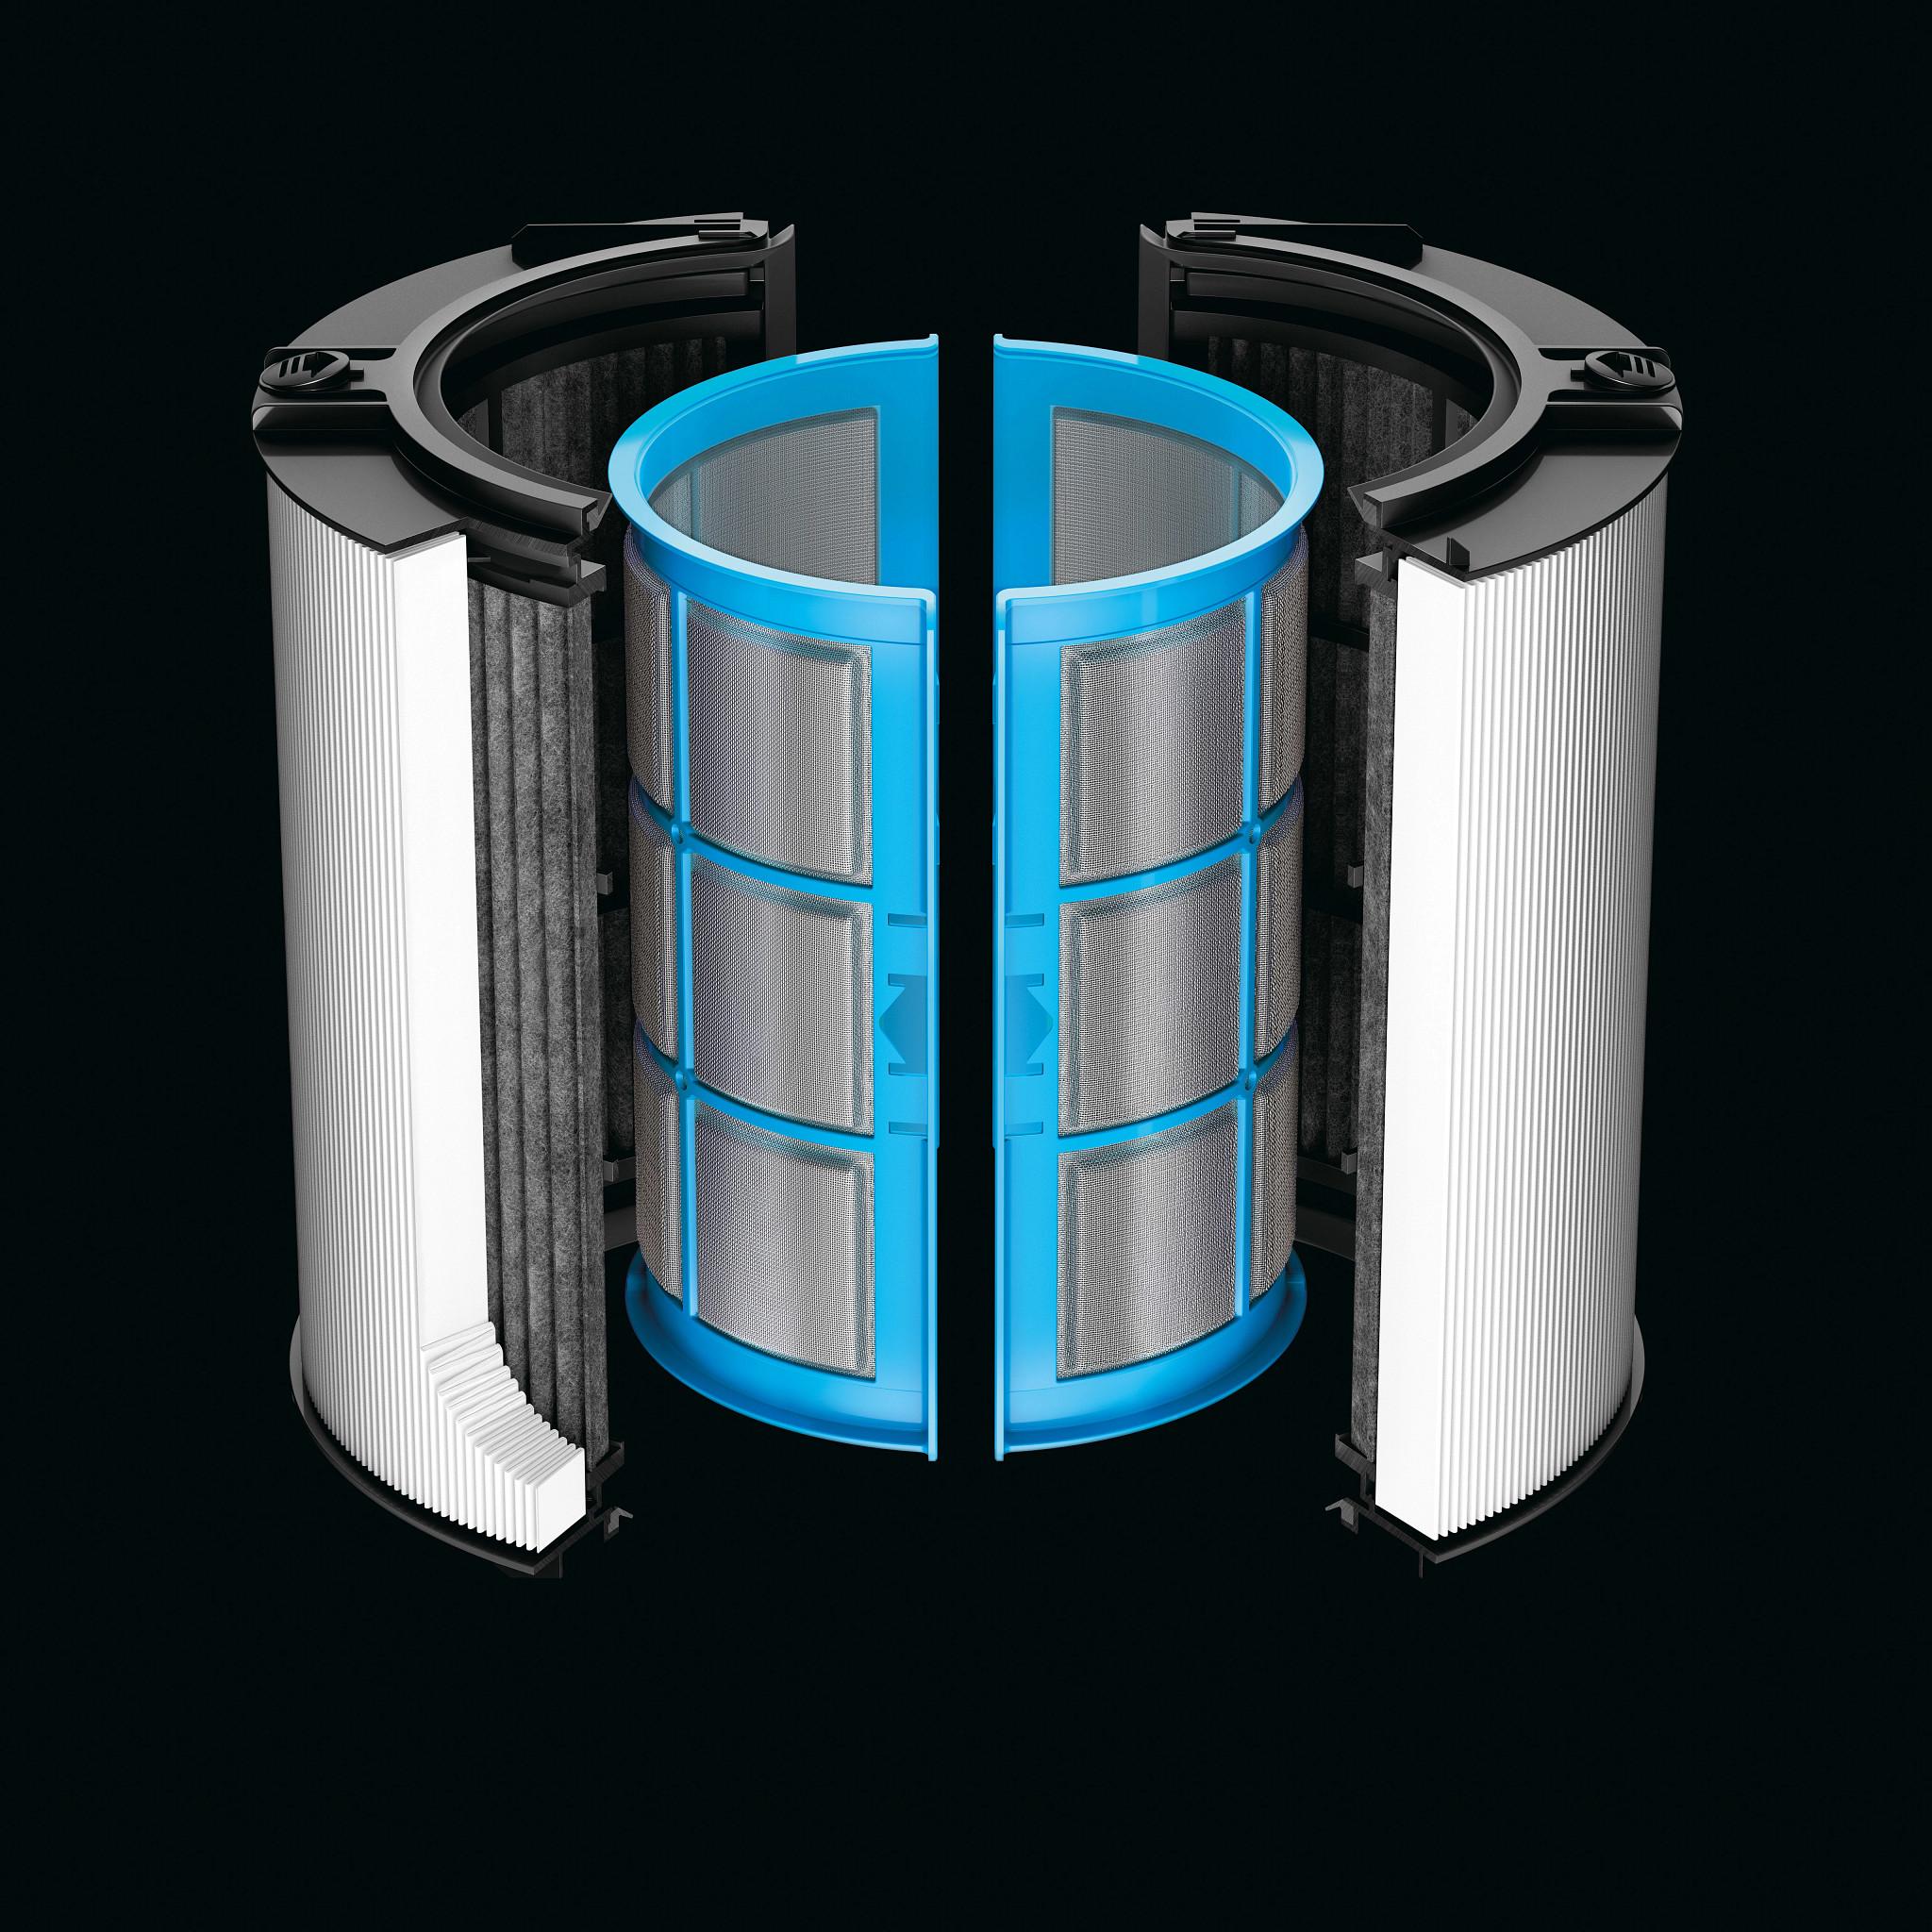 Dyson ra mắt máy lọc không khí với công nghệ cảm biến mới, giá 19,6 triệu đồng - Ảnh 3.